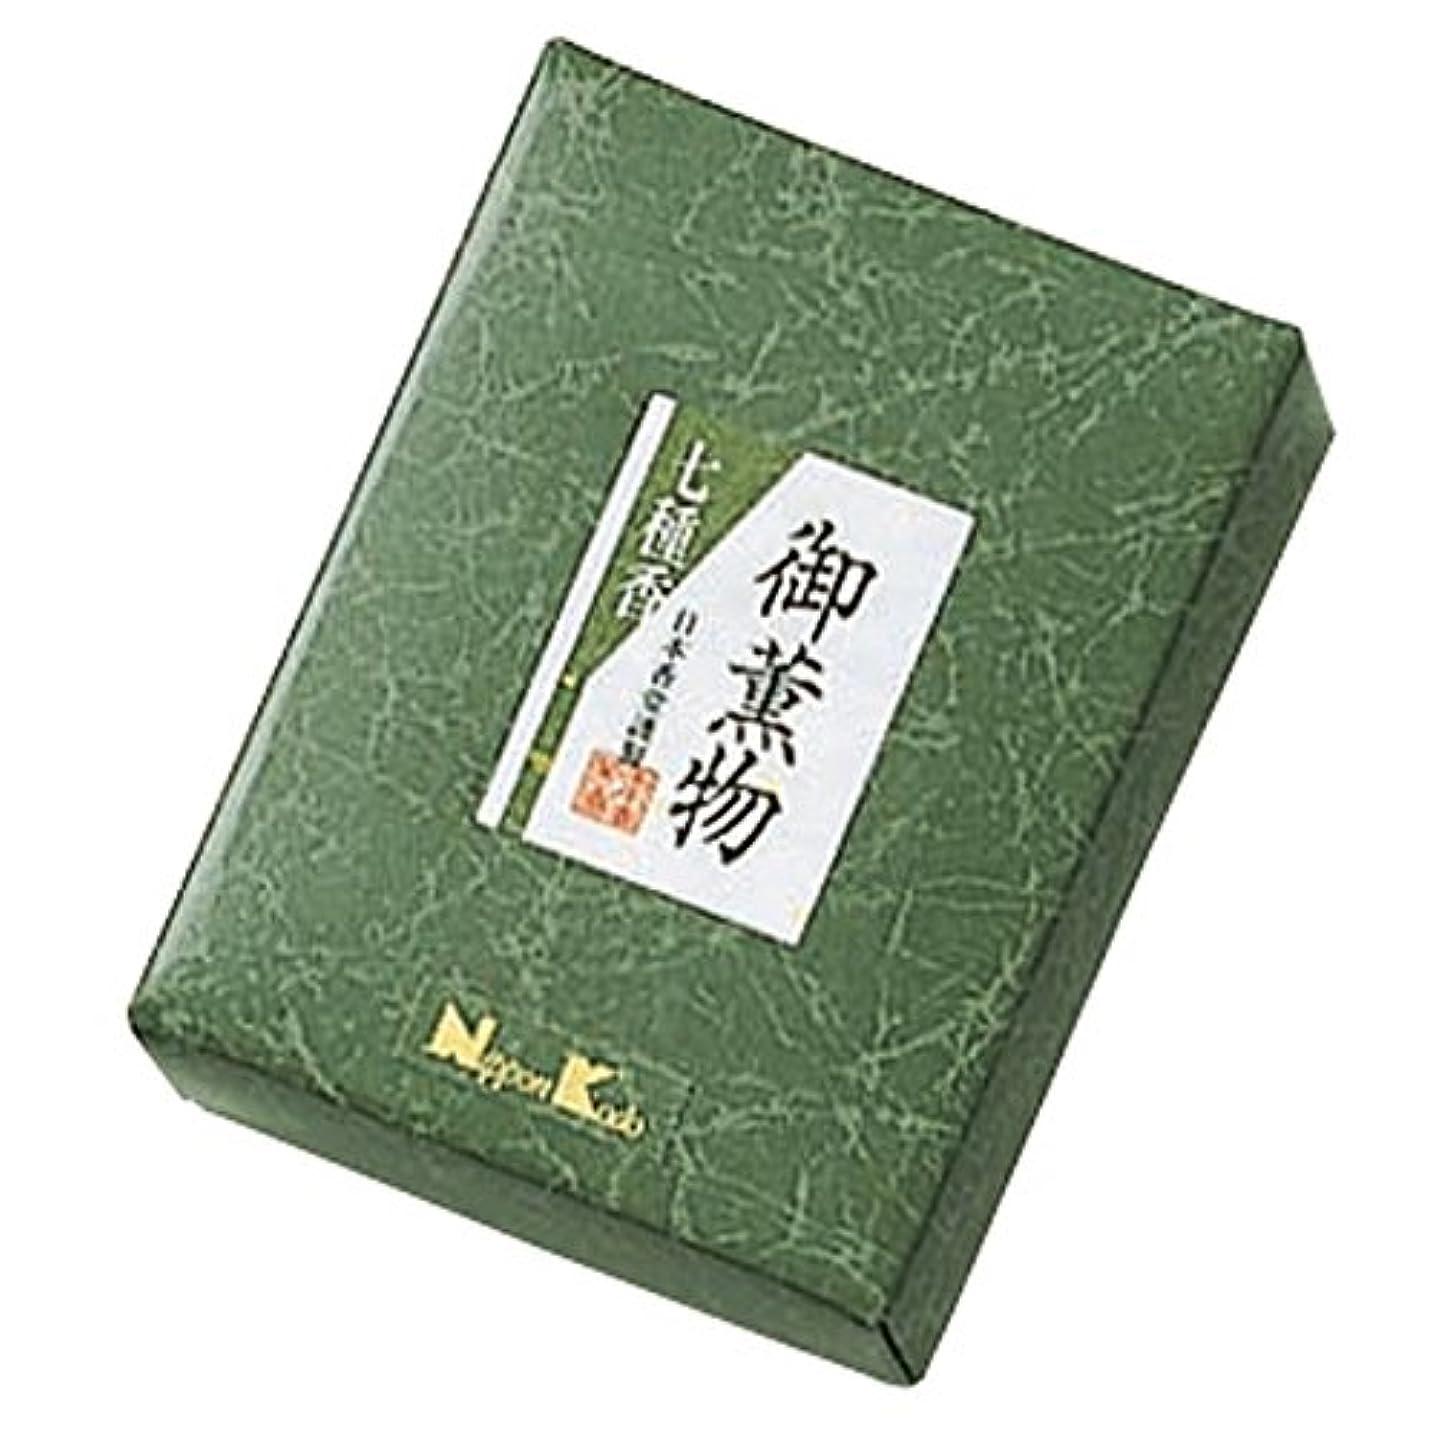 シーケンス無視ステートメント御薫物七種香 30g